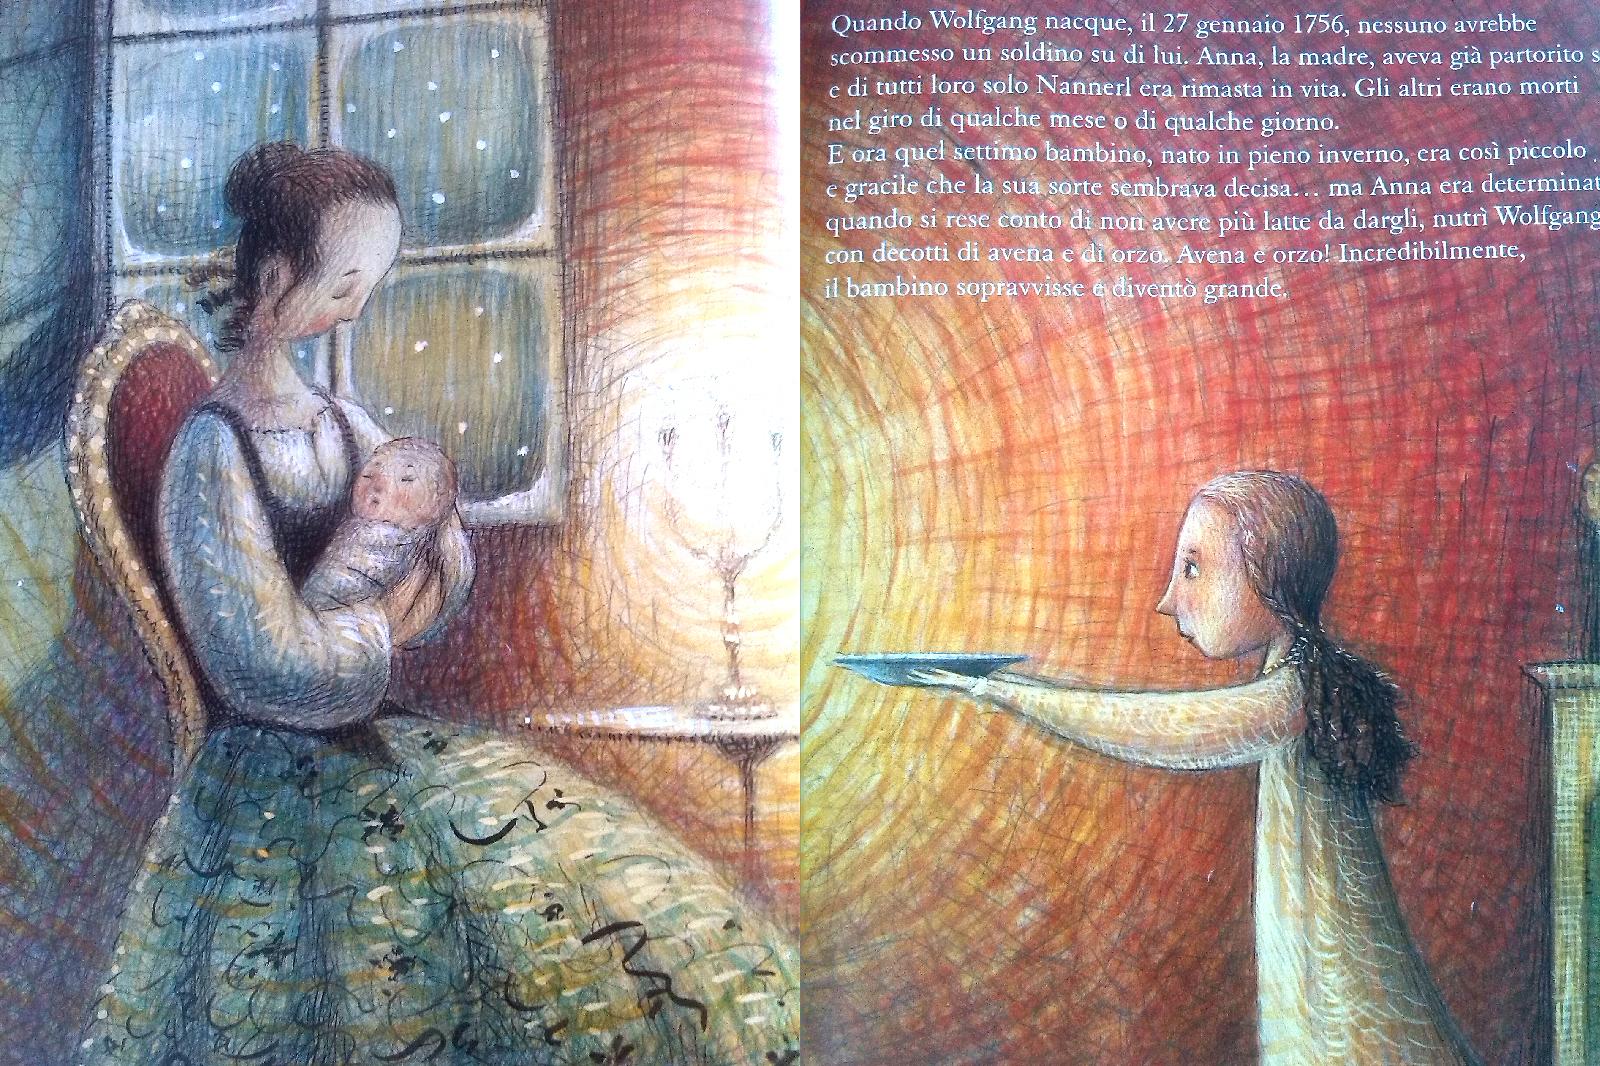 Il piccolo Mozart - In viaggio con Mozart 01 copertina - adagioassai